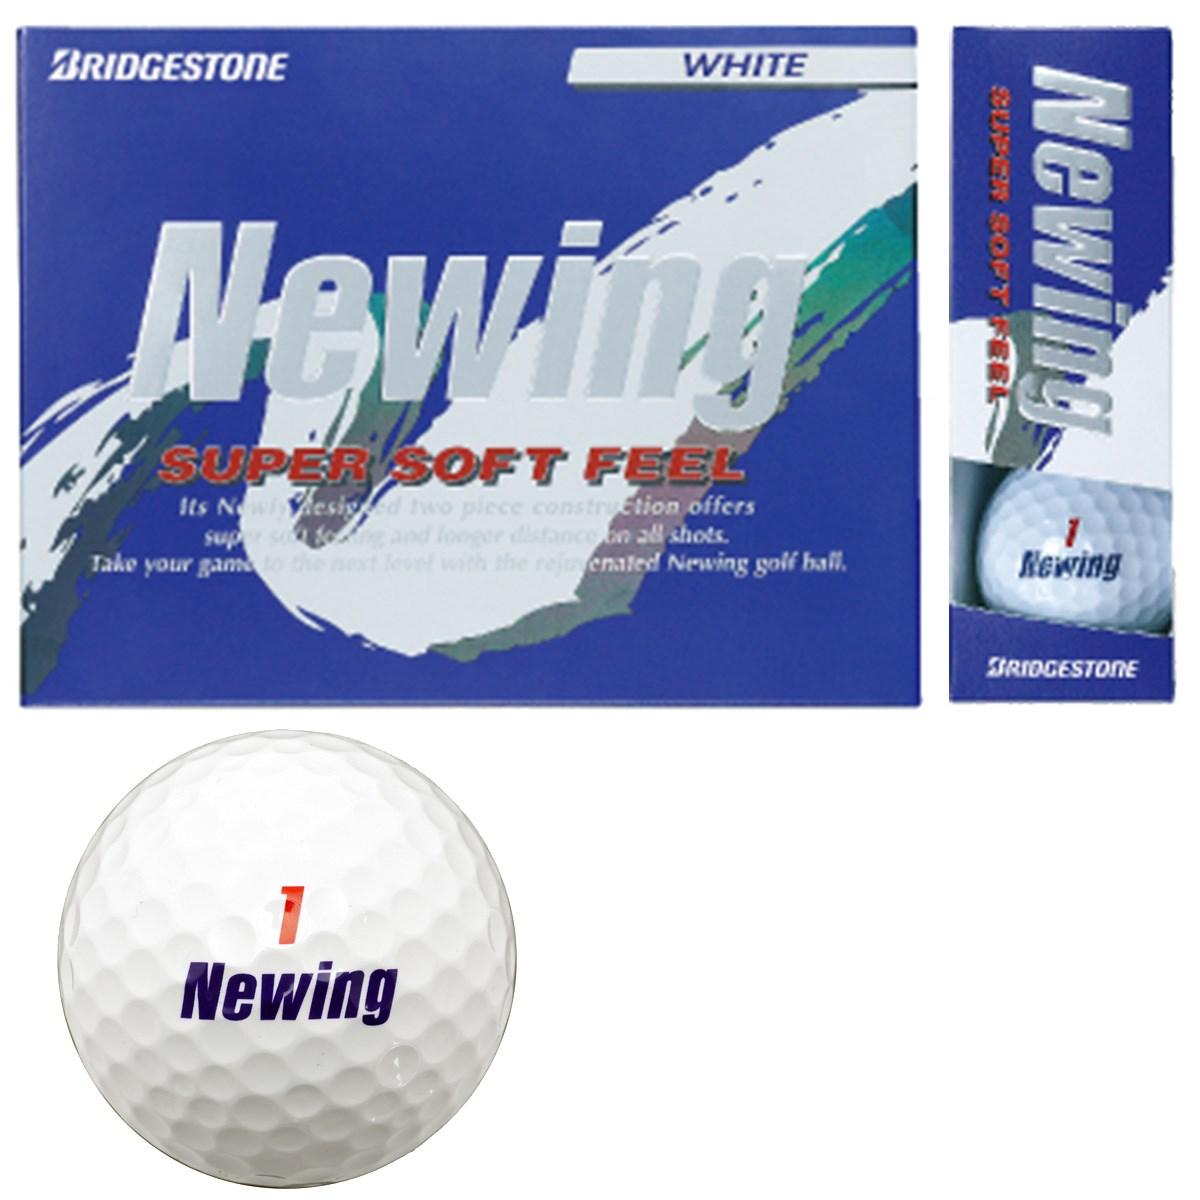 ブリヂストン NEWING ニューイング SUPER SOFT FEEL ボール 1ダース(12個入り) ホワイト